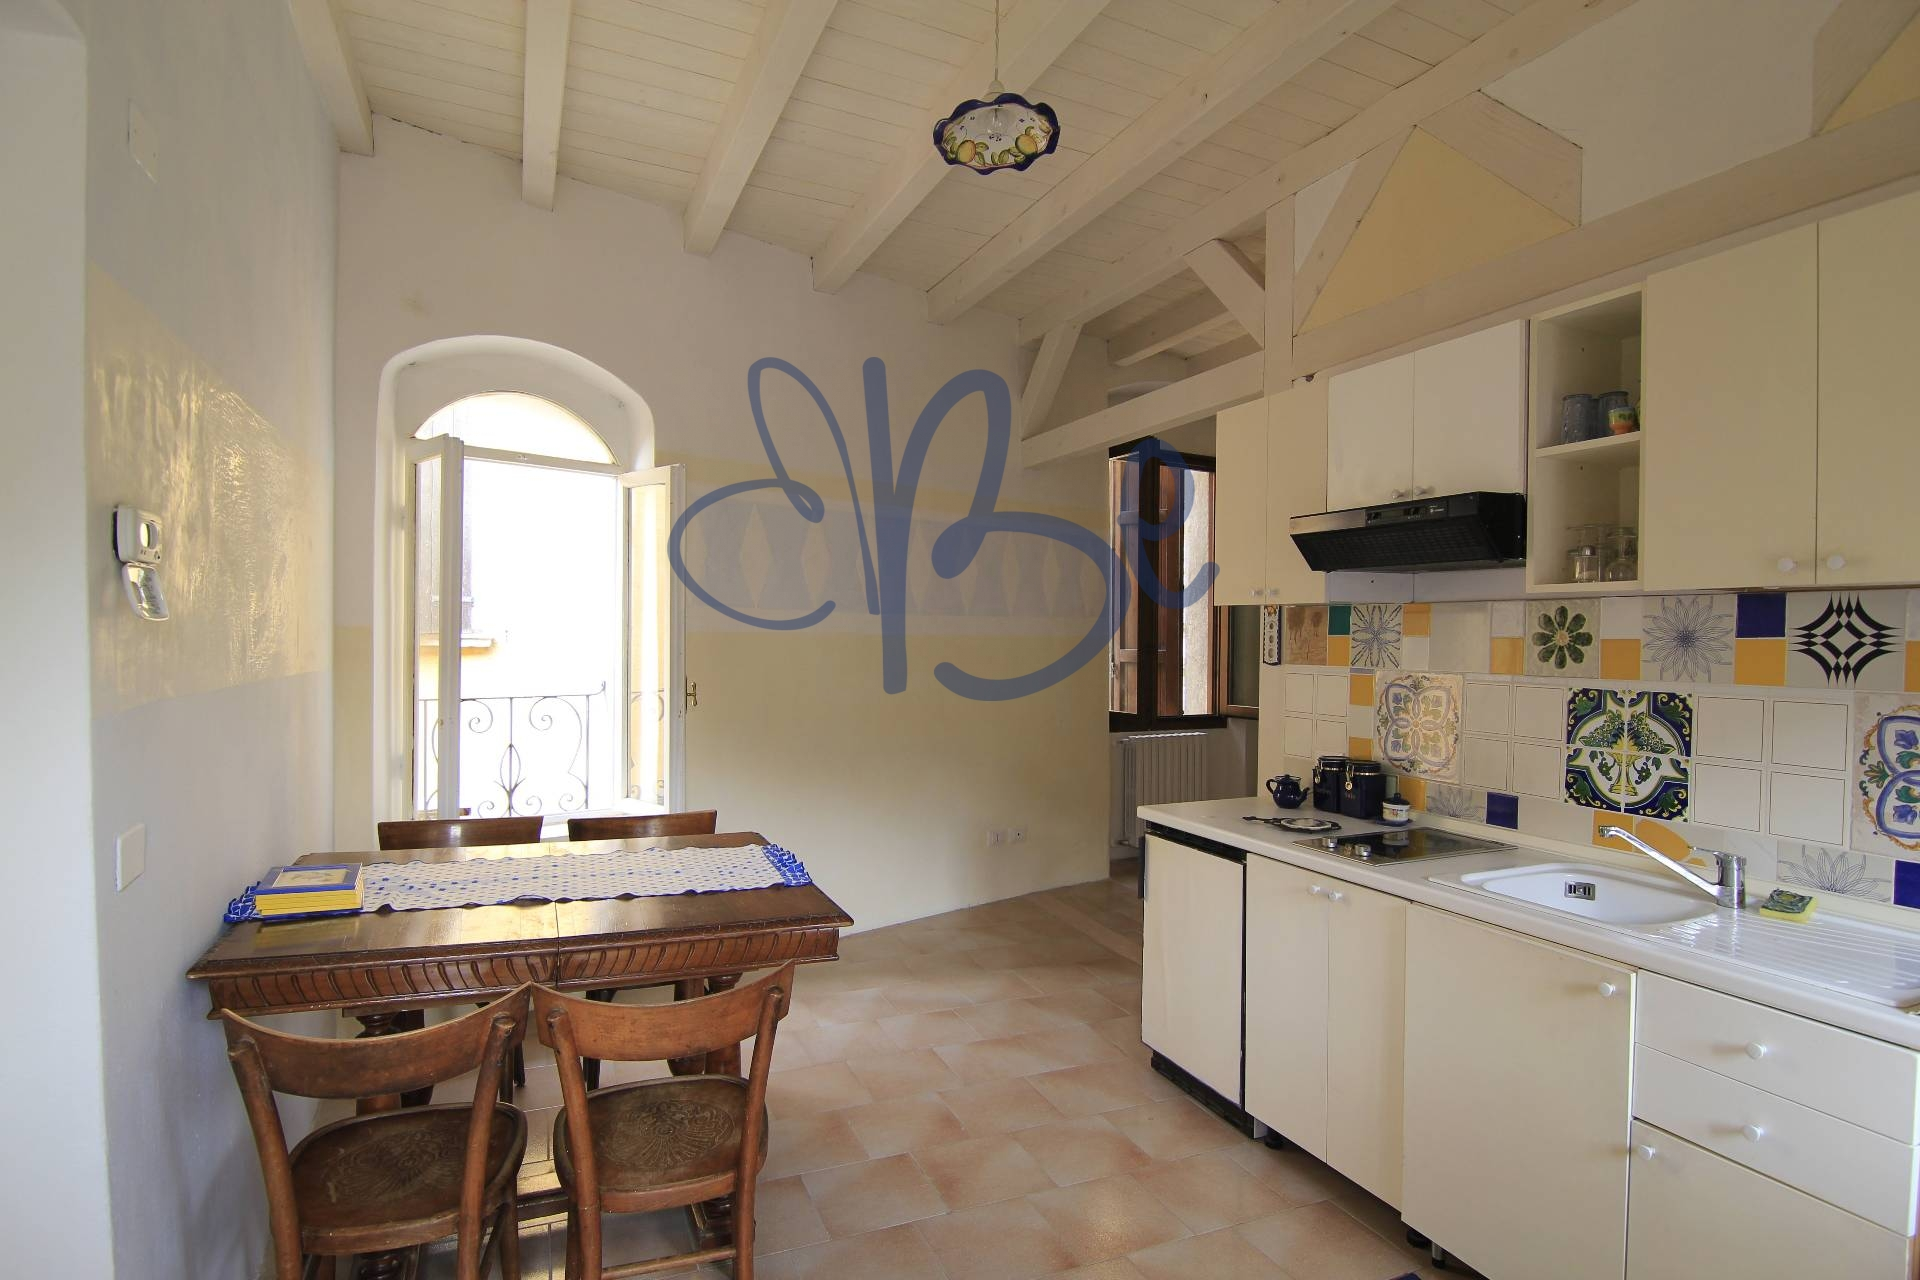 Appartamento in affitto a Roè Volciano, 1 locali, zona Zona: Trobiolo, prezzo € 380 | Cambio Casa.it